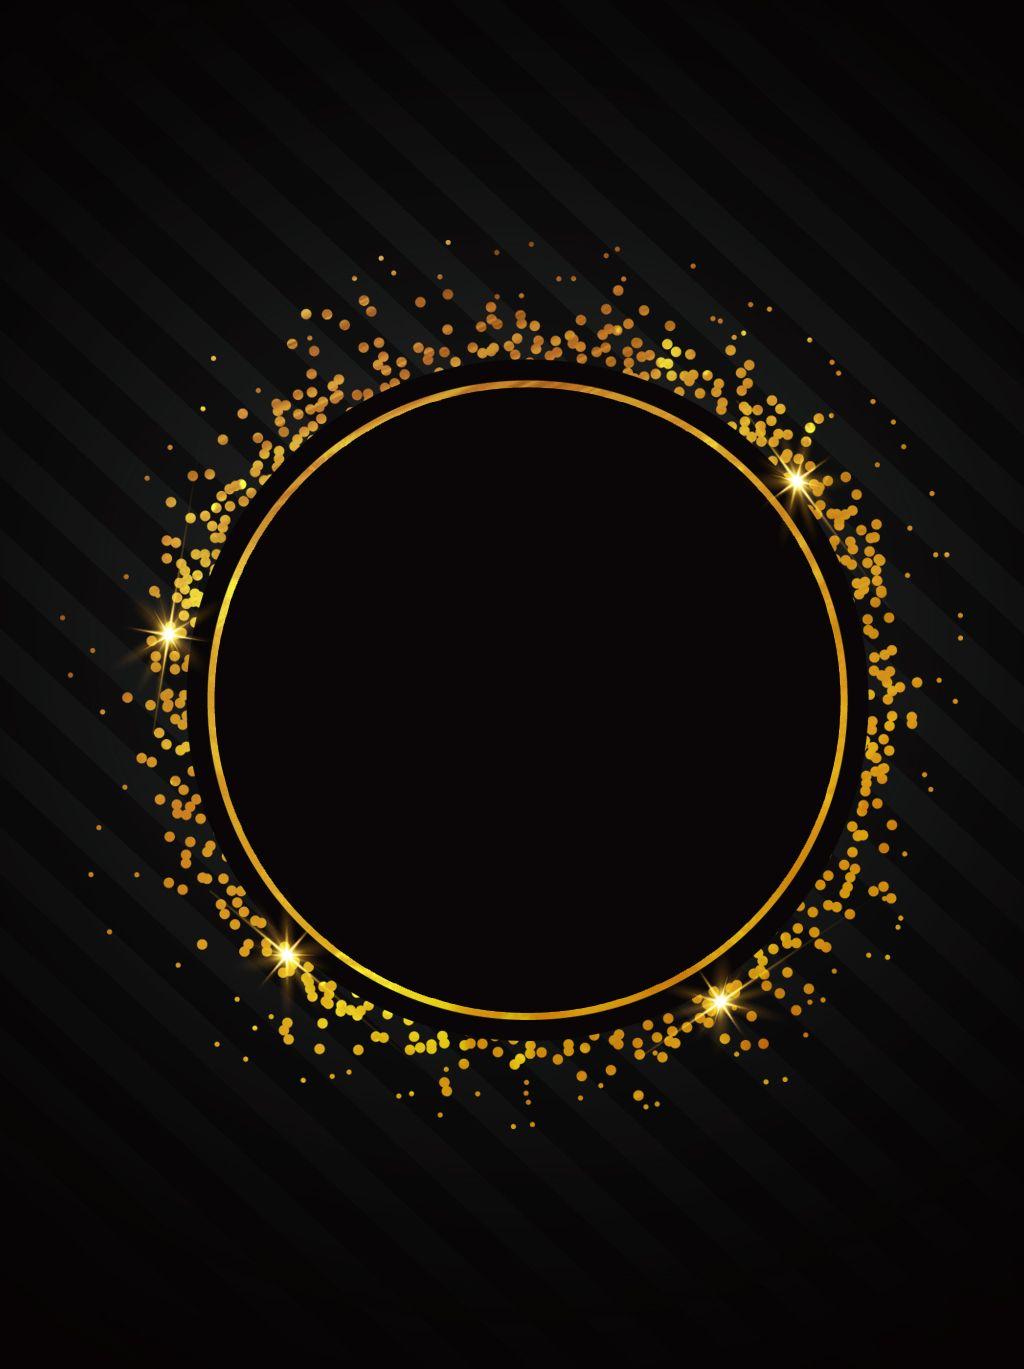 Kreativer Minimalistischer Hintergrundentwurf Des Schwarzen Goldwindes Background Design Black And Gold Aesthetic Black Background Wallpaper